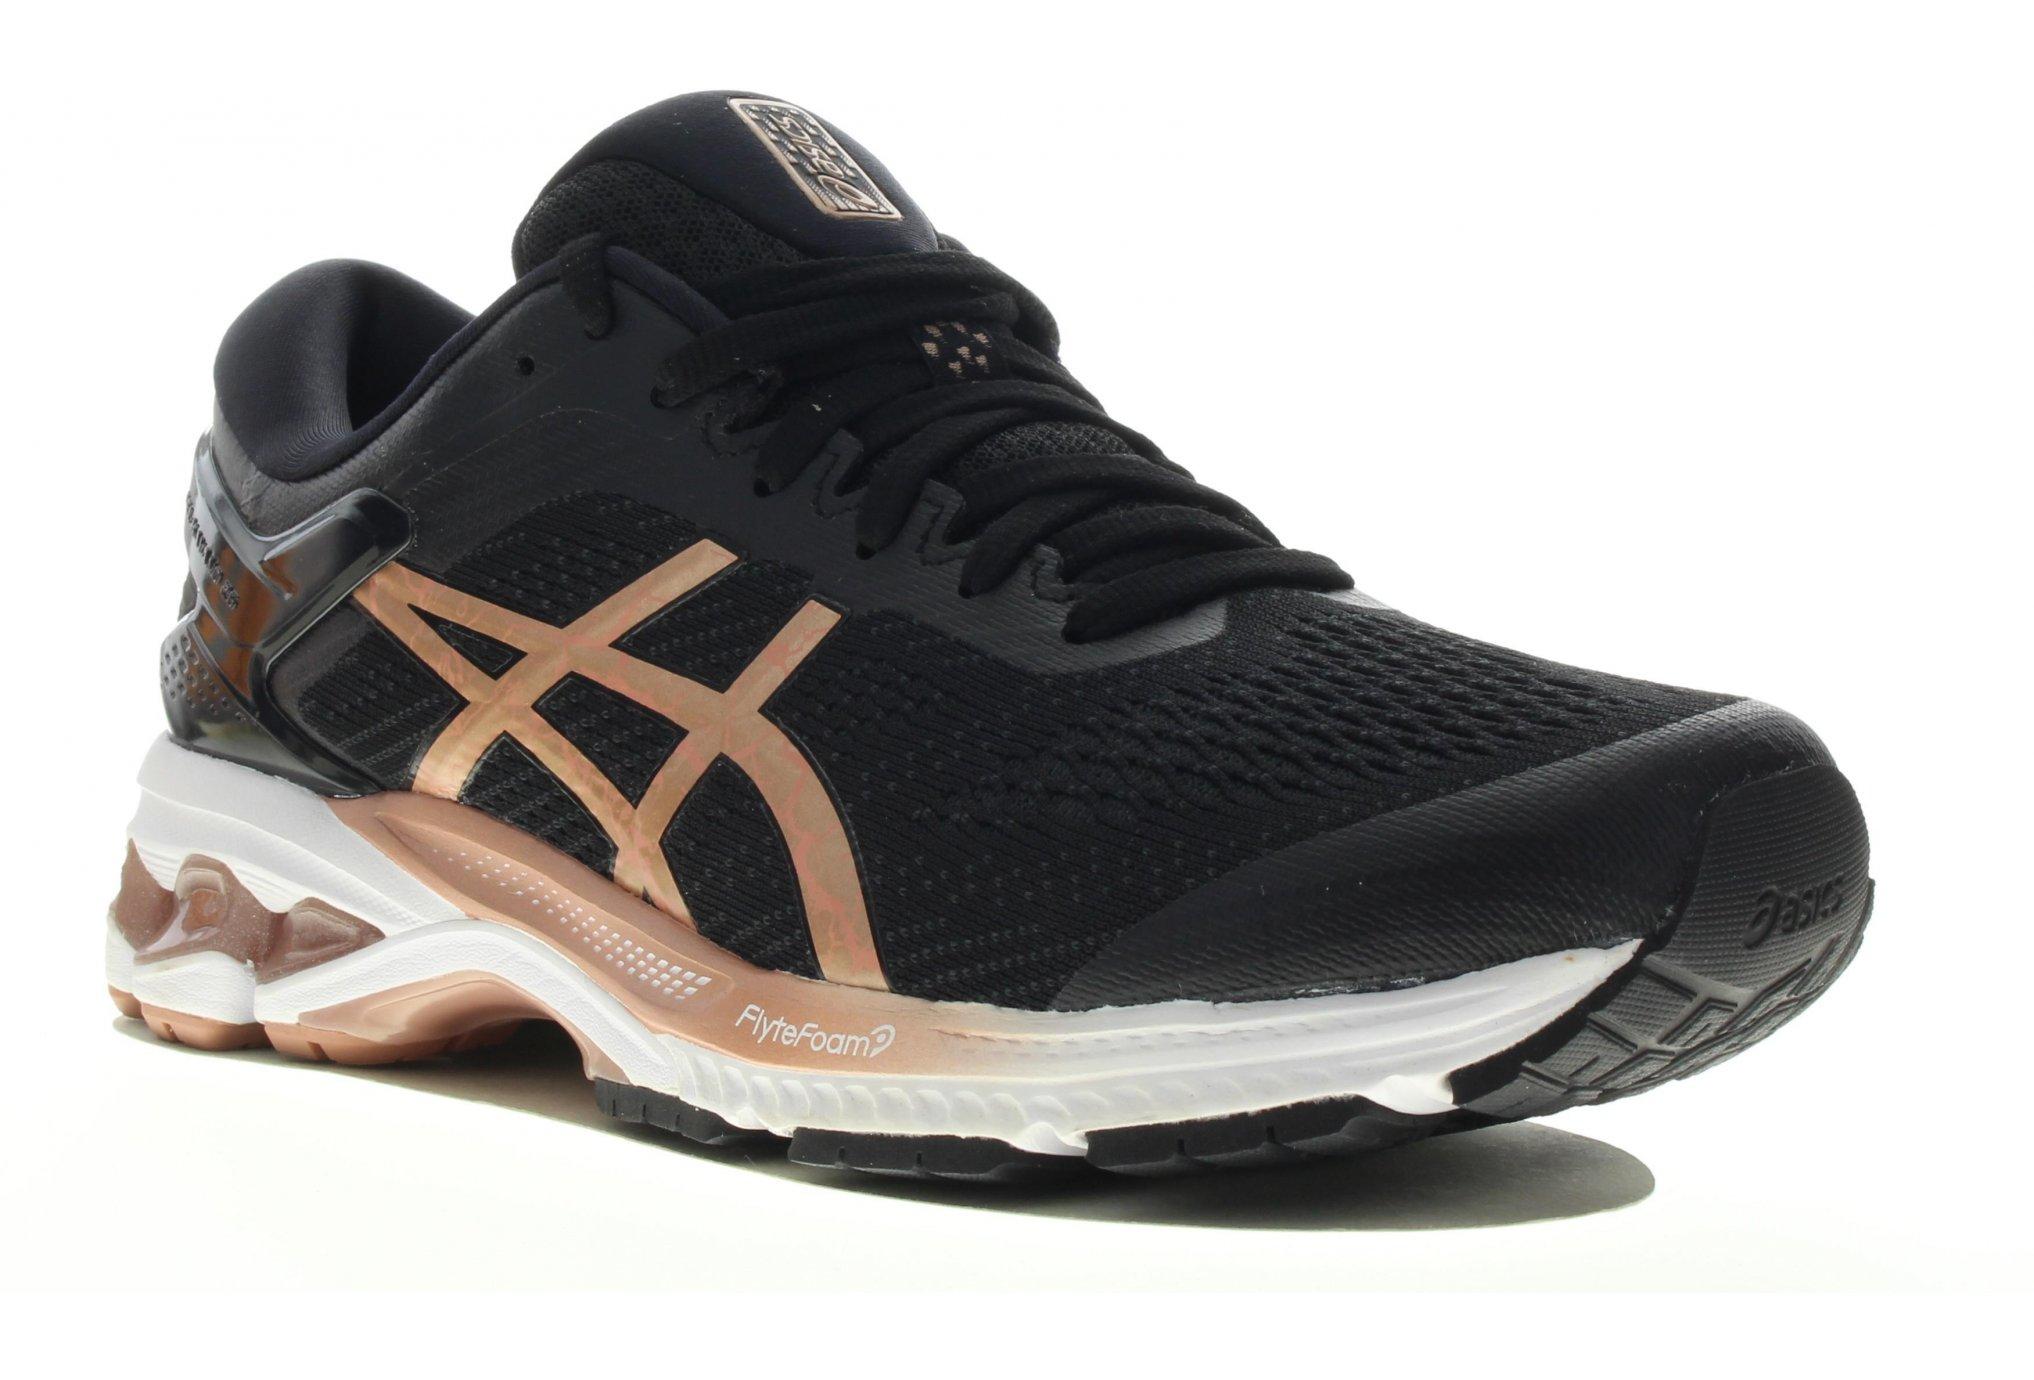 Asics Gel Kayano 26 Cascade Pack Chaussures running femme